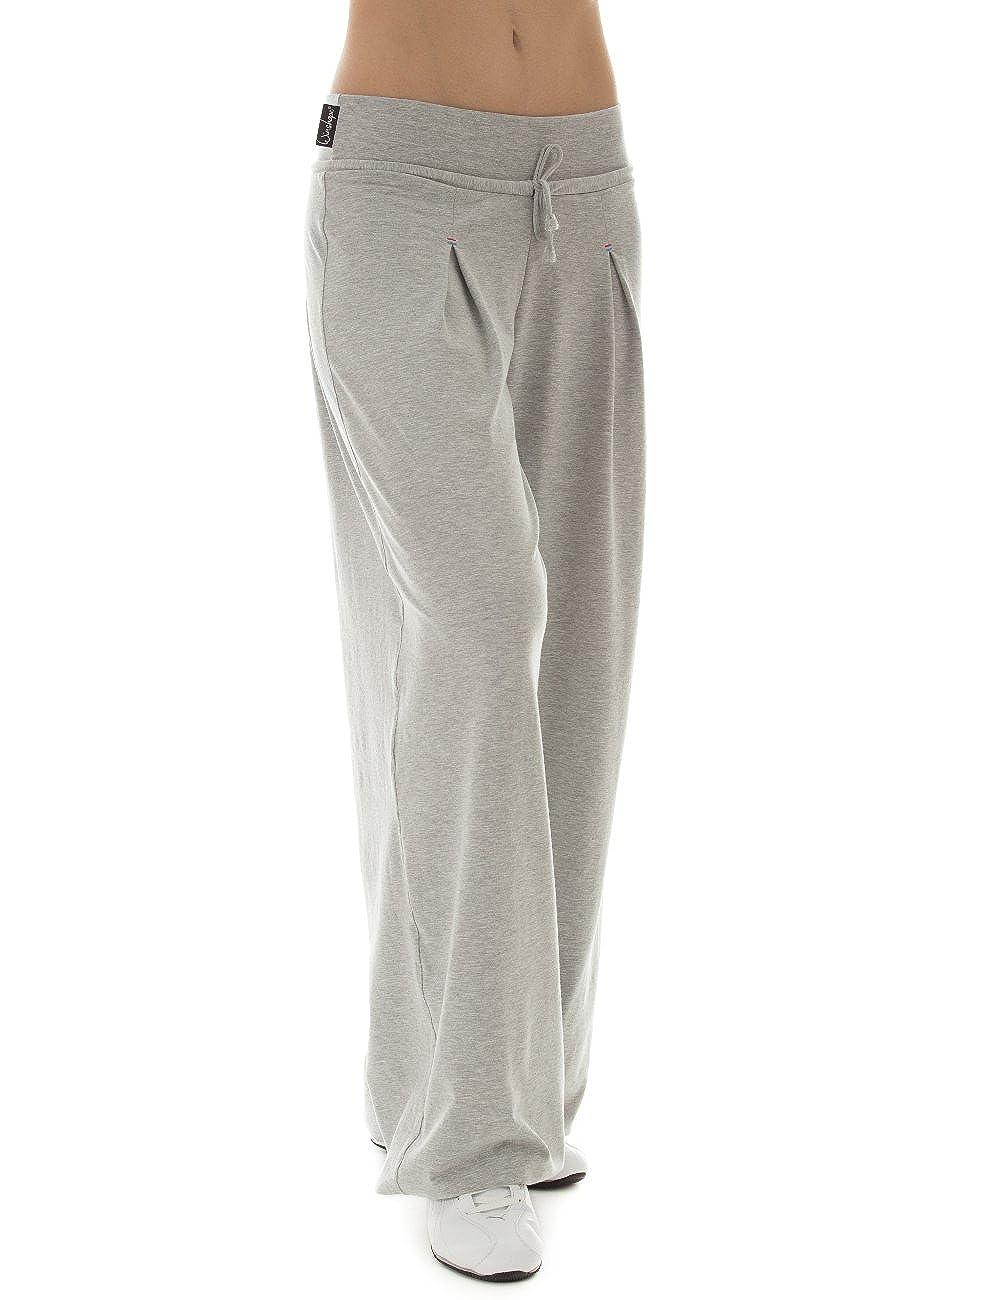 TALLA XS. Winshape WTW5 - Pantalones de Baile o Entrenamiento para Mujer